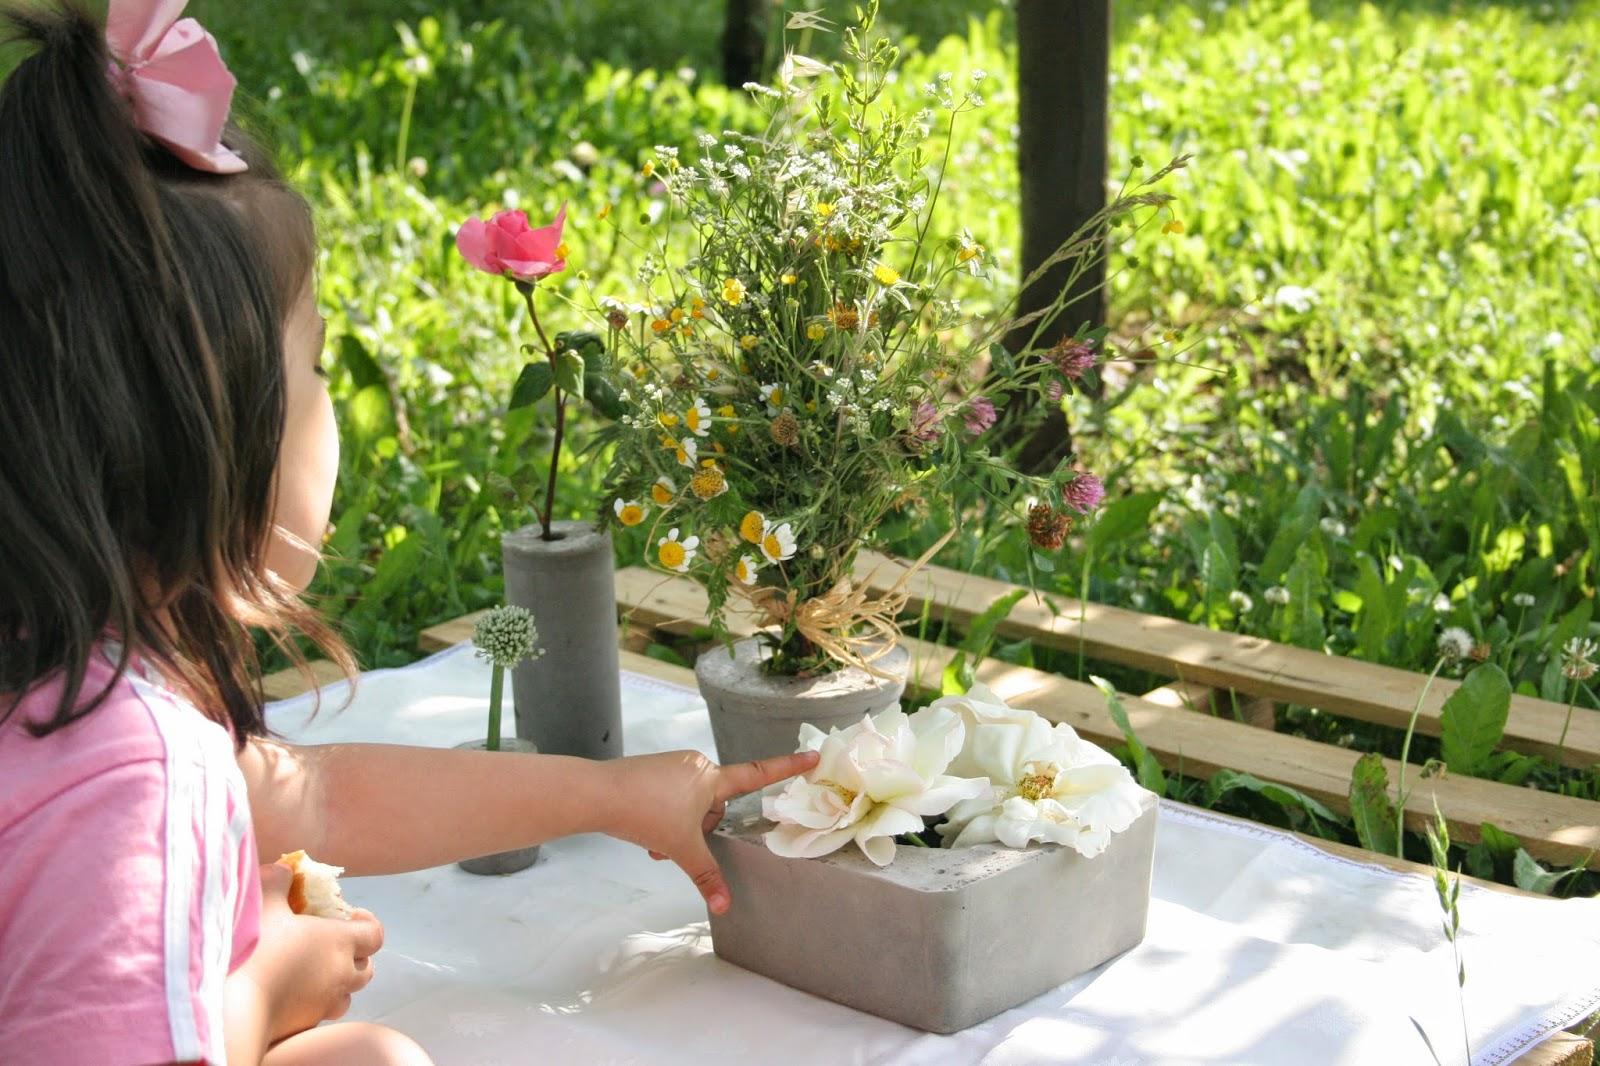 Mi niña decorando la mesa del picnic de la huerta con un palet y los diy floreros de cemento